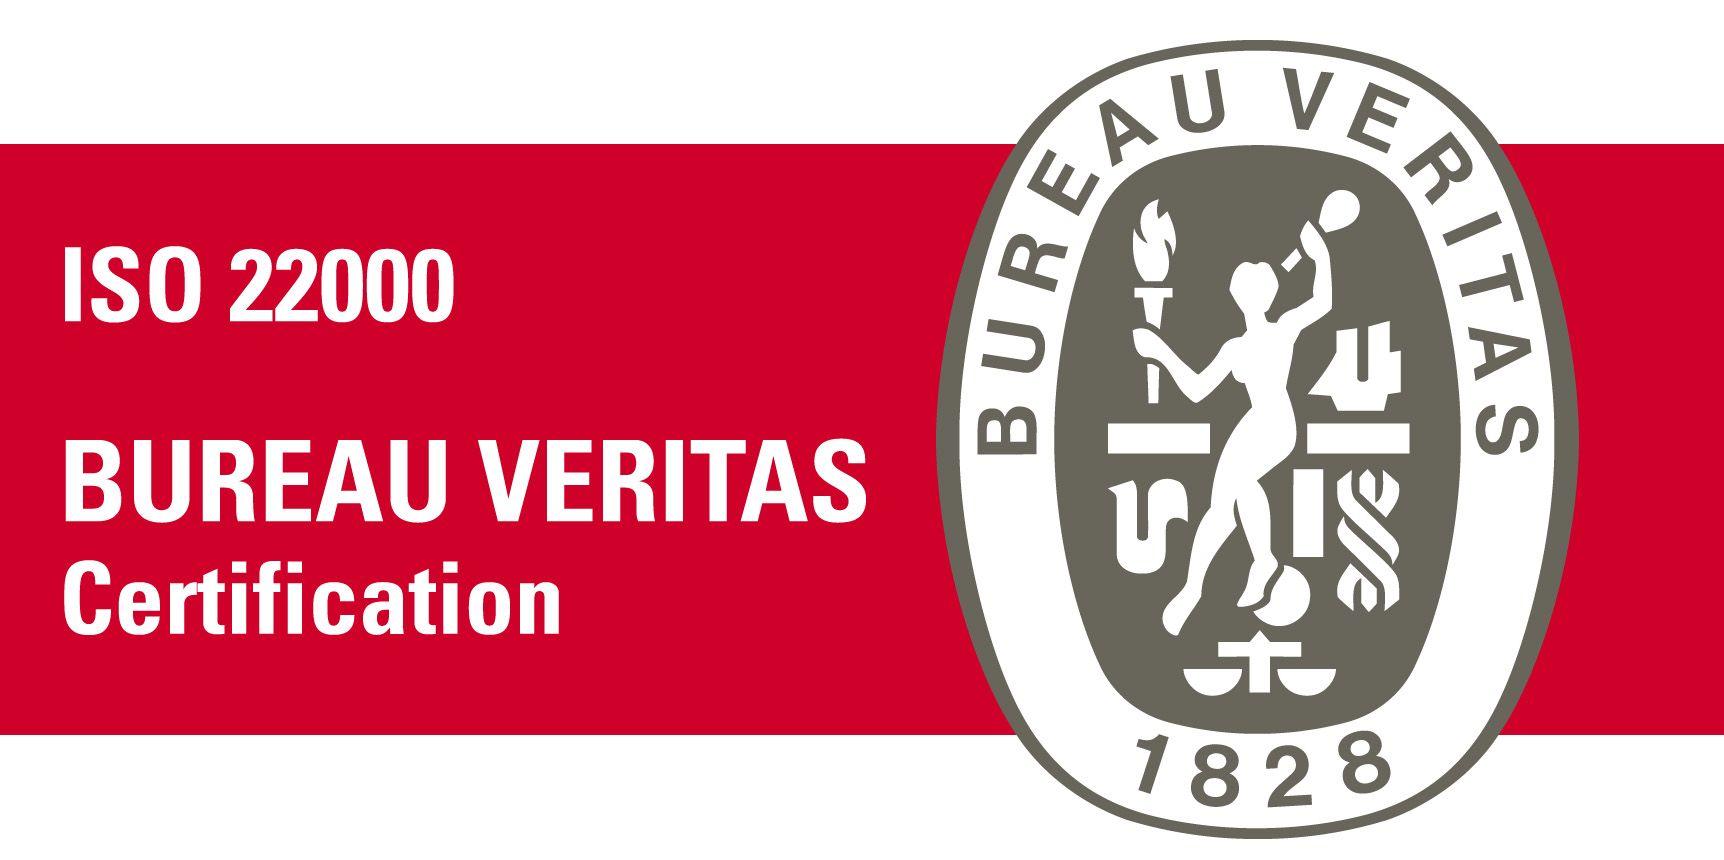 BV_Certification_ISO22000